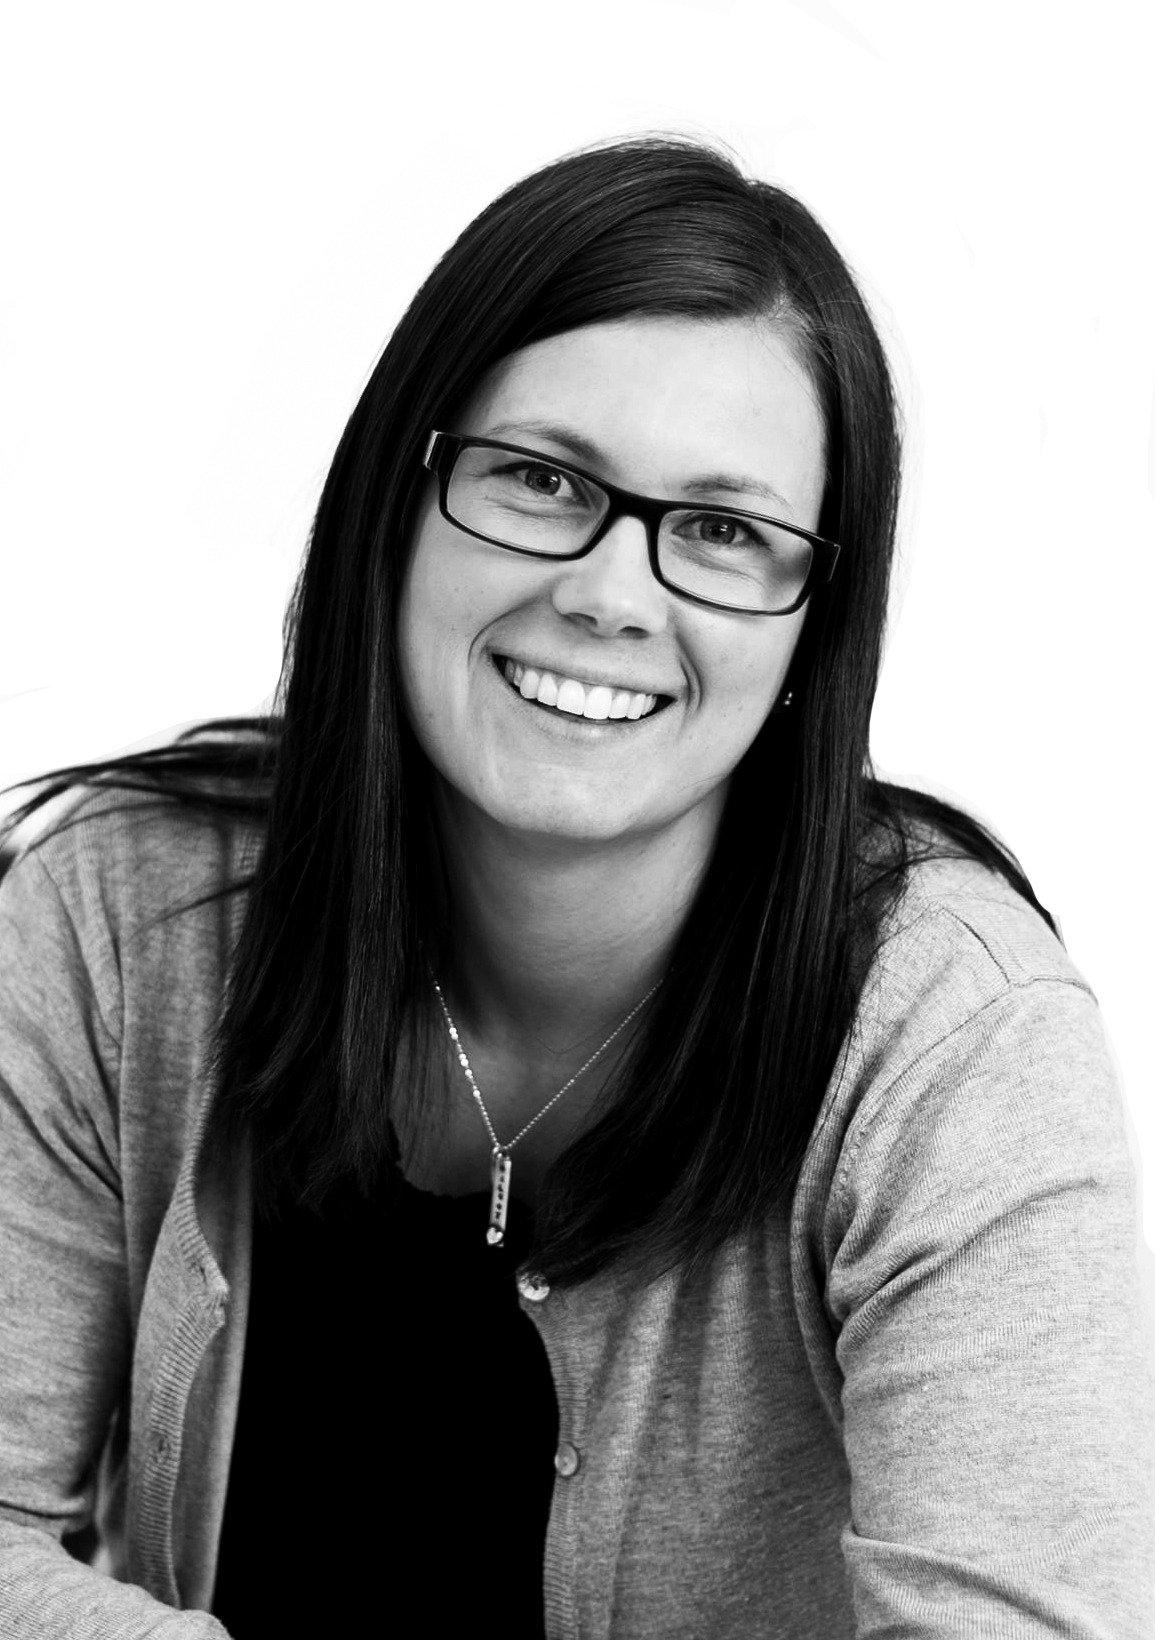 Lina Holmberg